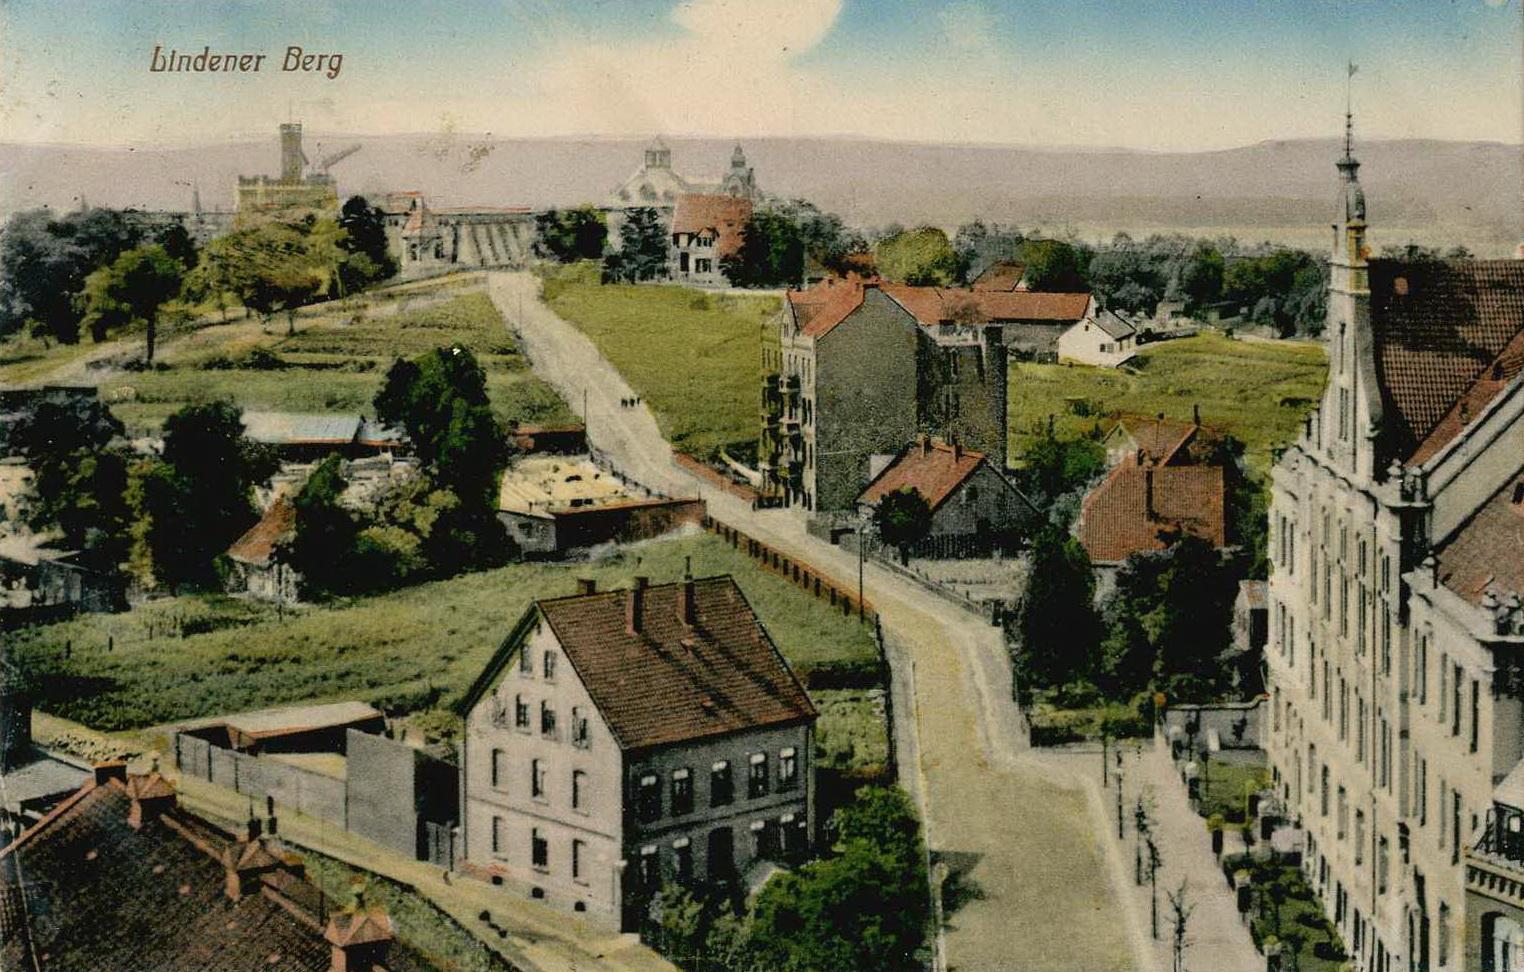 Linden Stadt